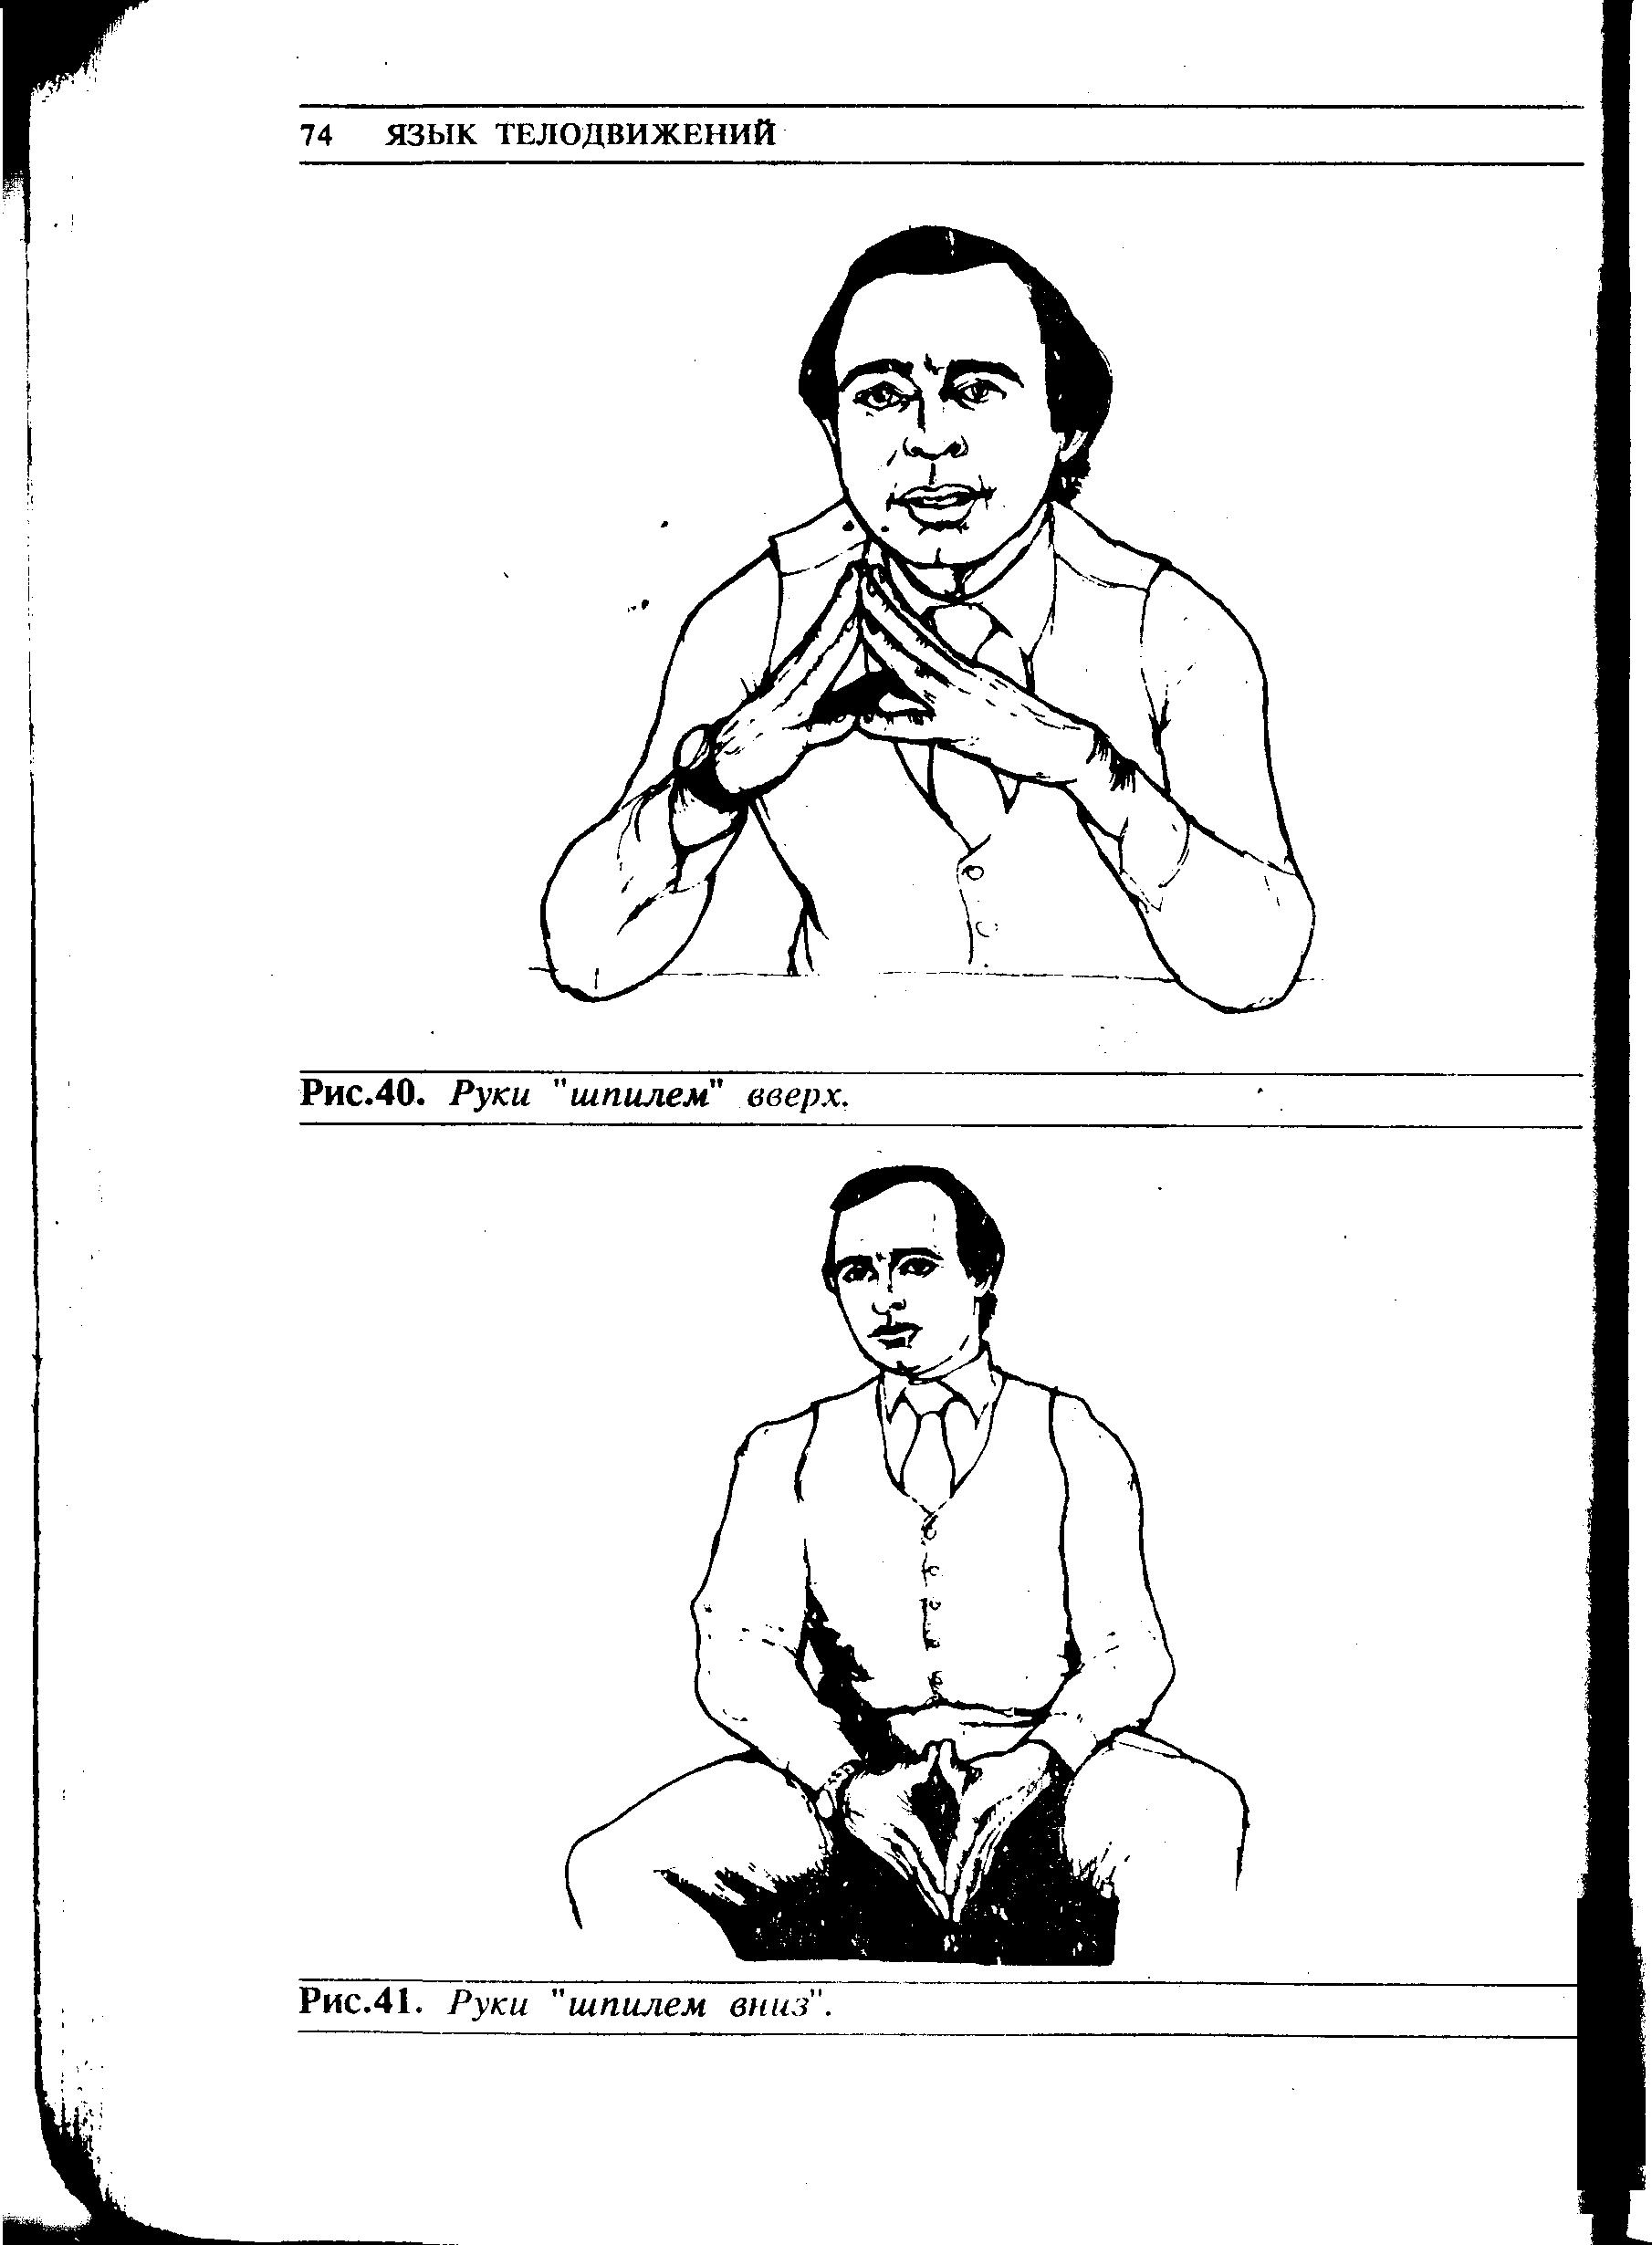 Язык глухонемых пизда